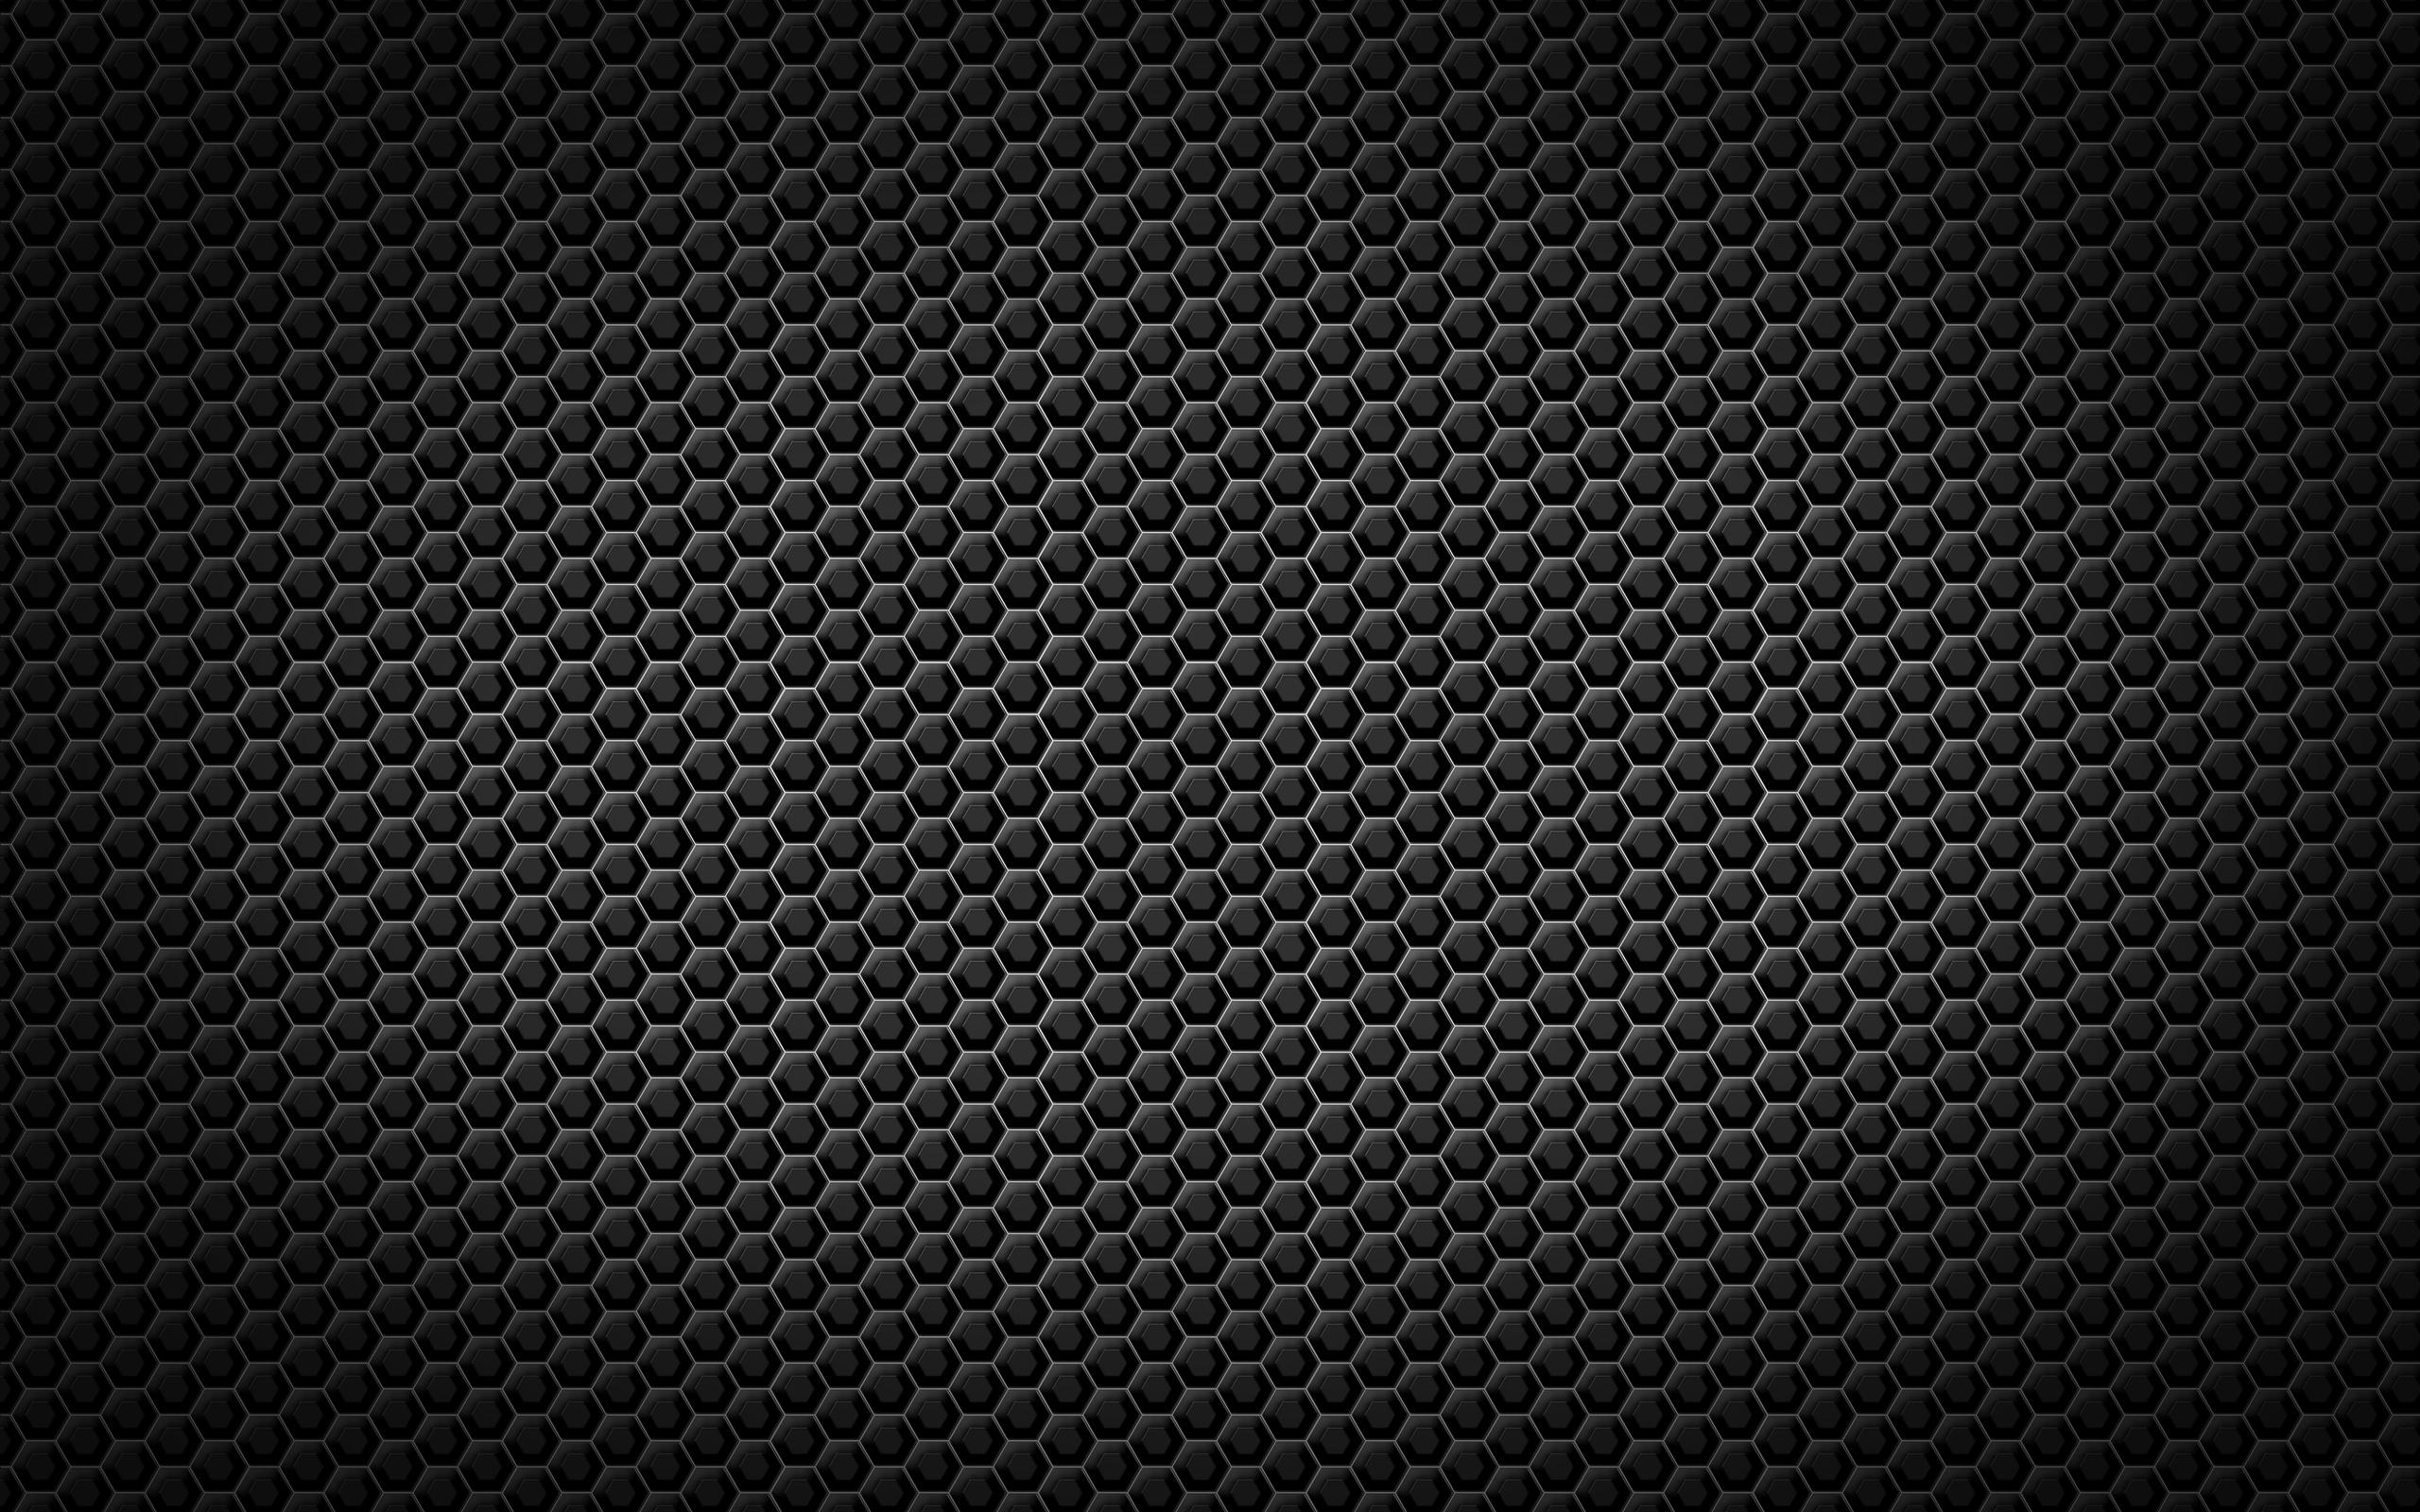 Black Computer Wallpapers Desktop Backgrounds 2560x1600 ID369182 2560x1600